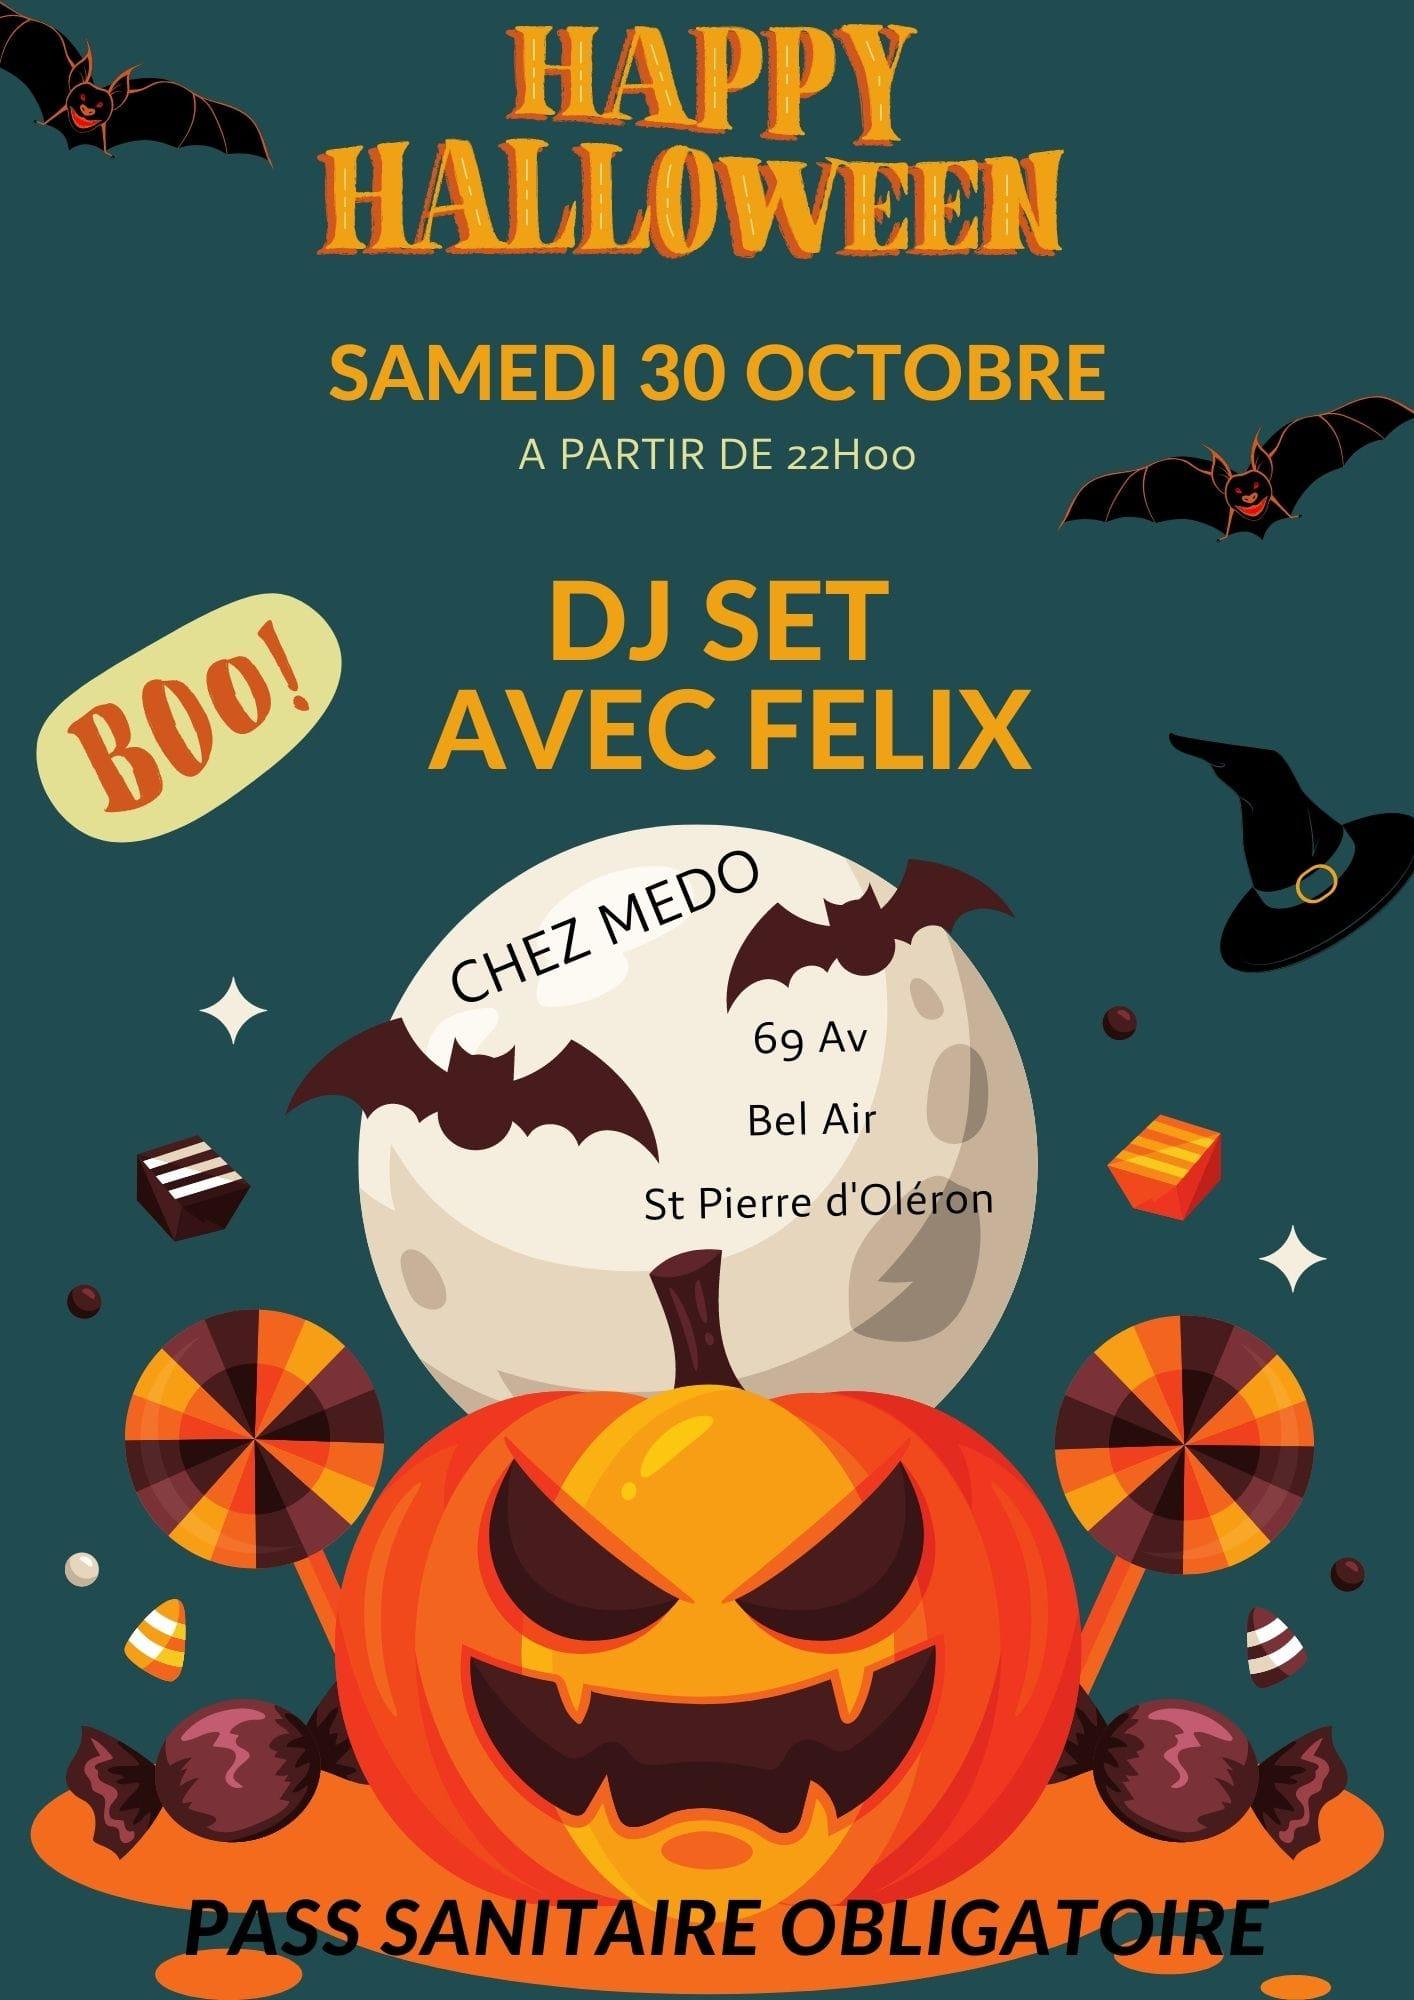 Soirée d'Halloween avec Dj Felix chez Medo le 30 octobre 2021